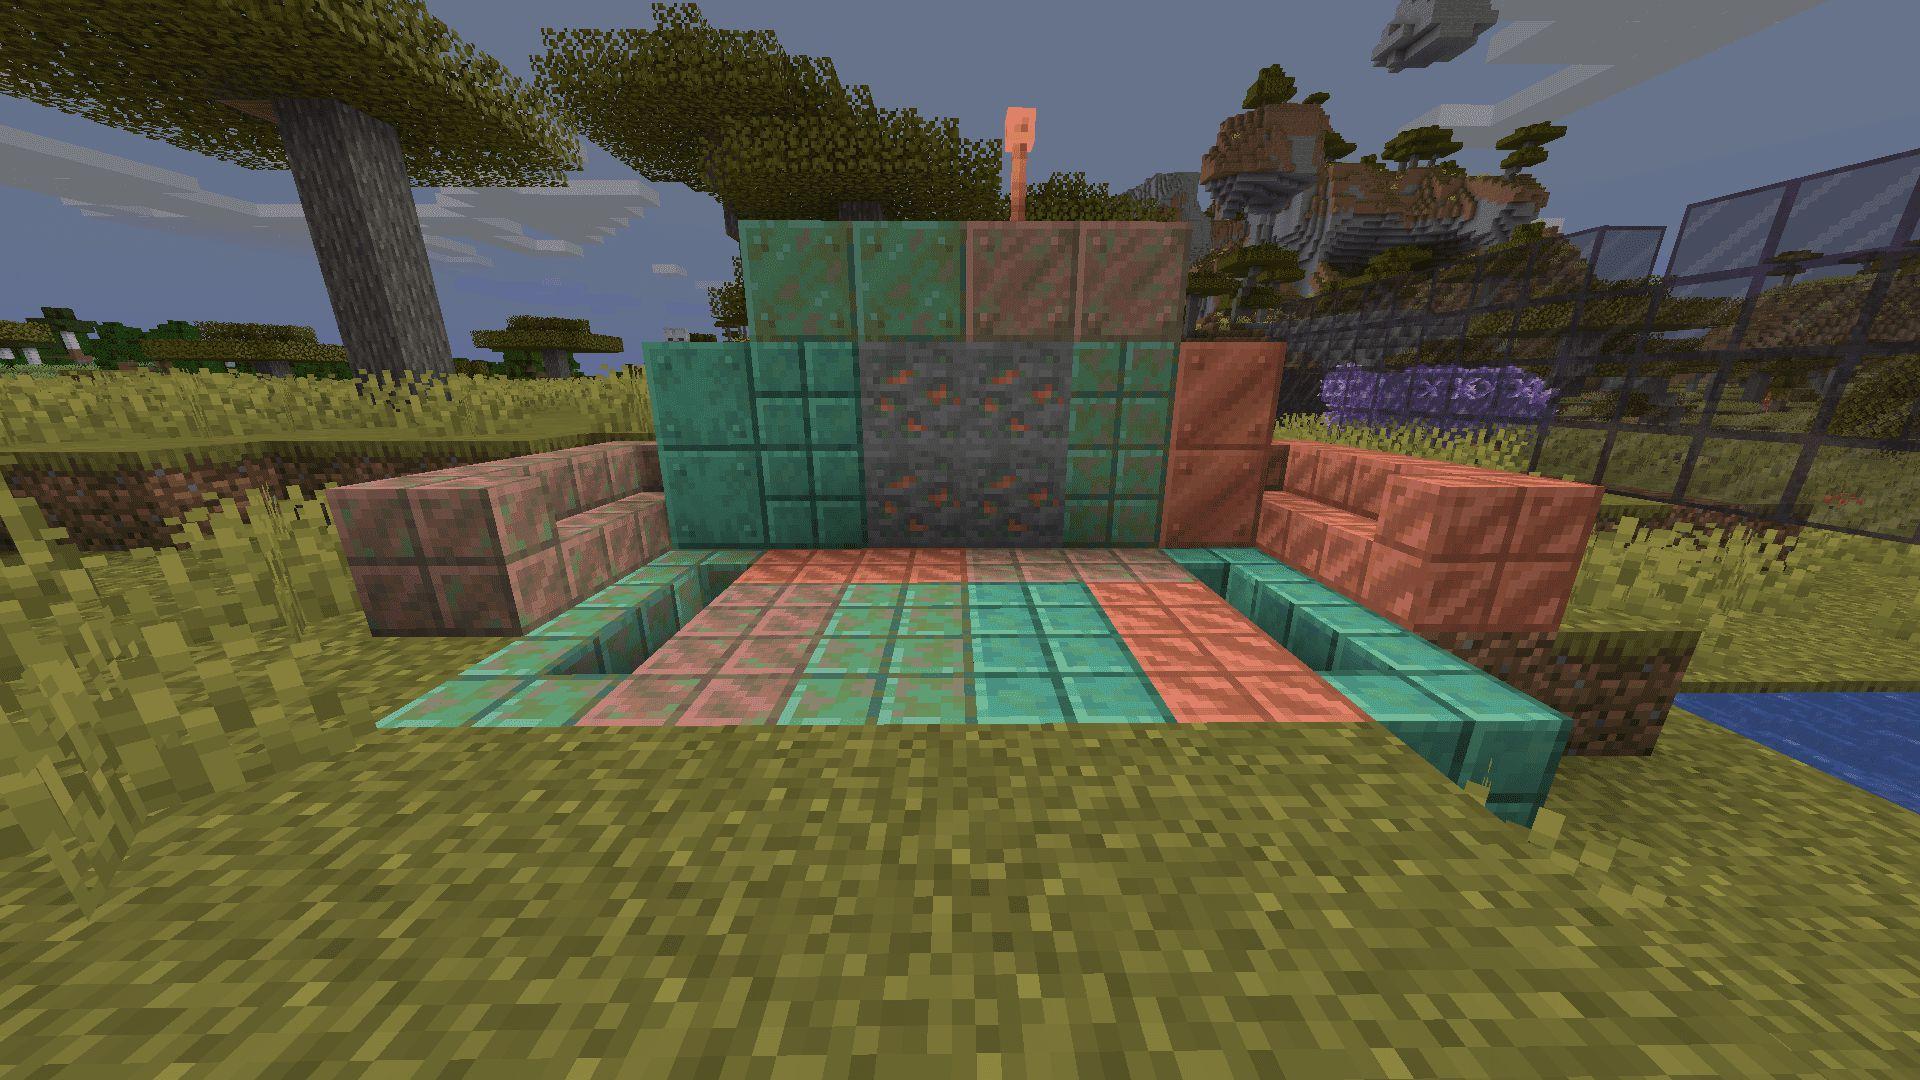 Diferentes bloques de cobre y sus estados en en Minecraft 1.17 con la Snapshot 20W45A